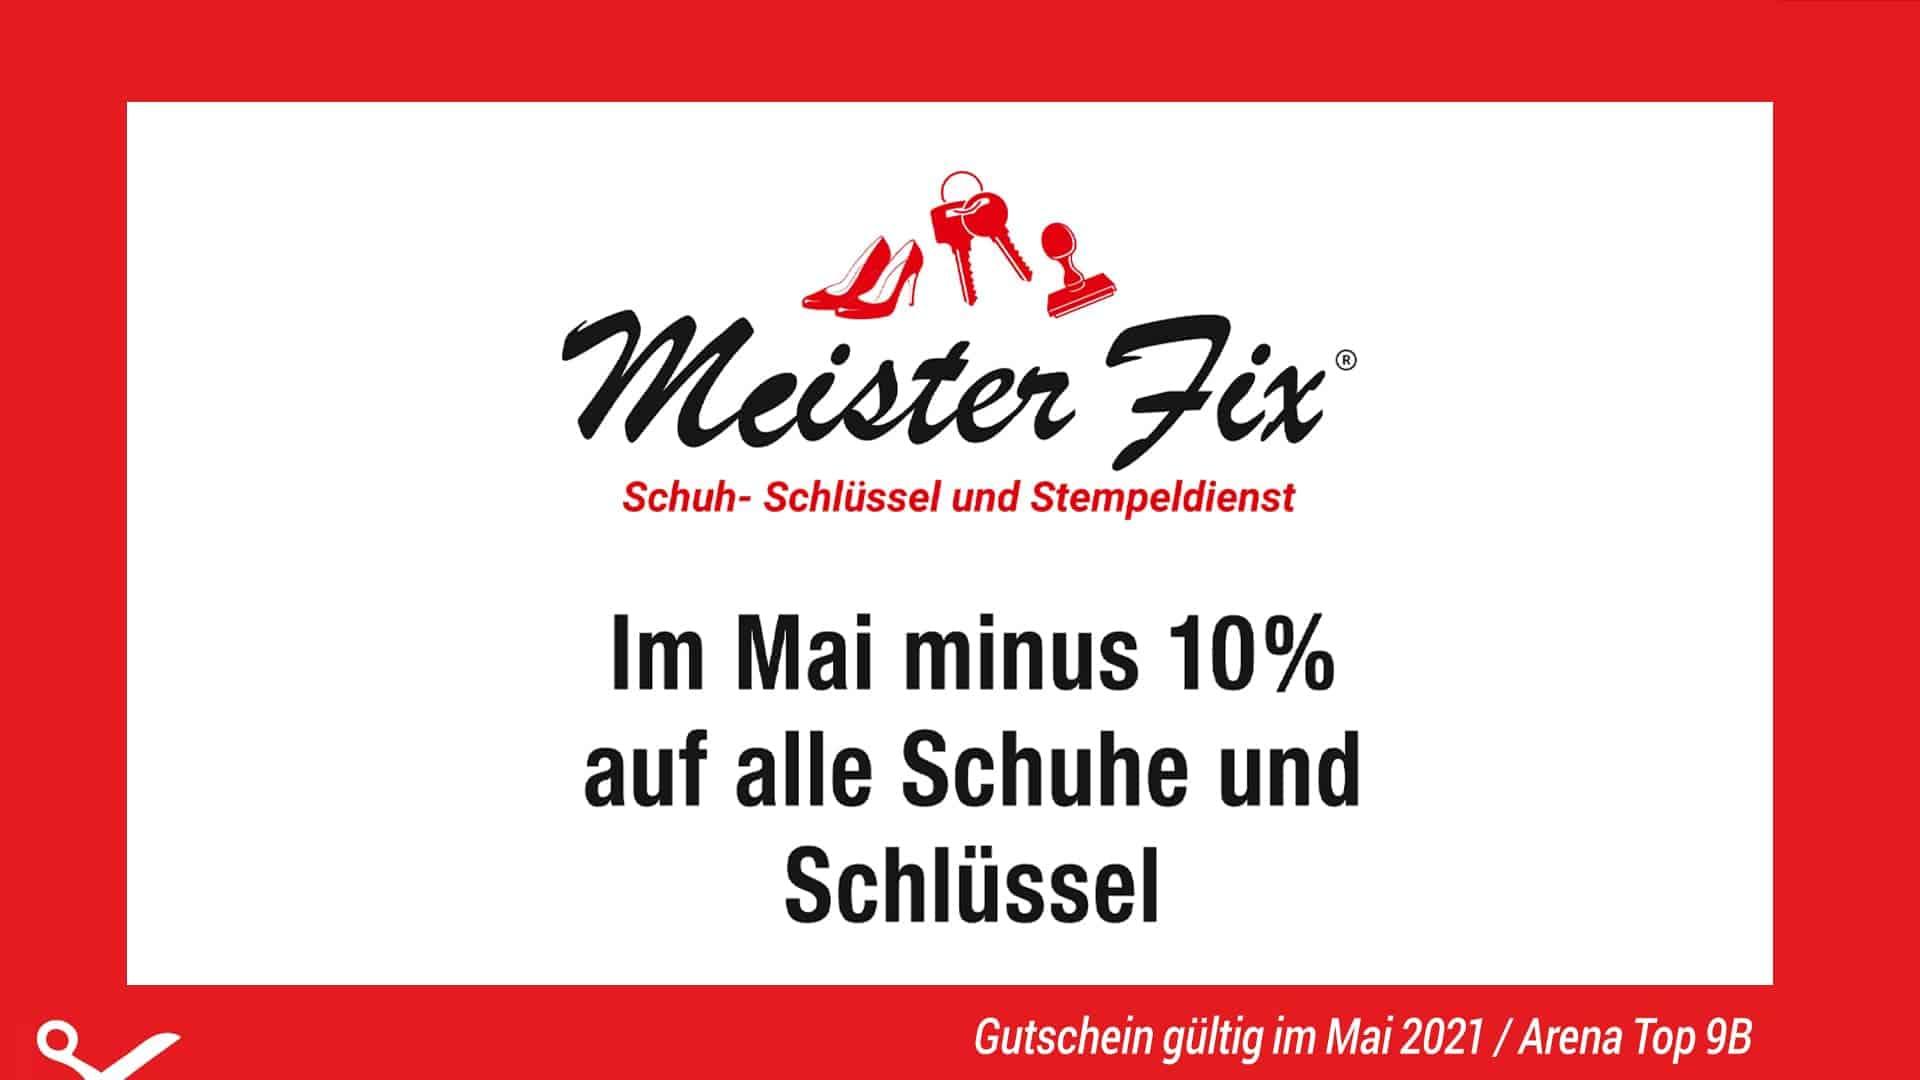 MeisterFixMai21